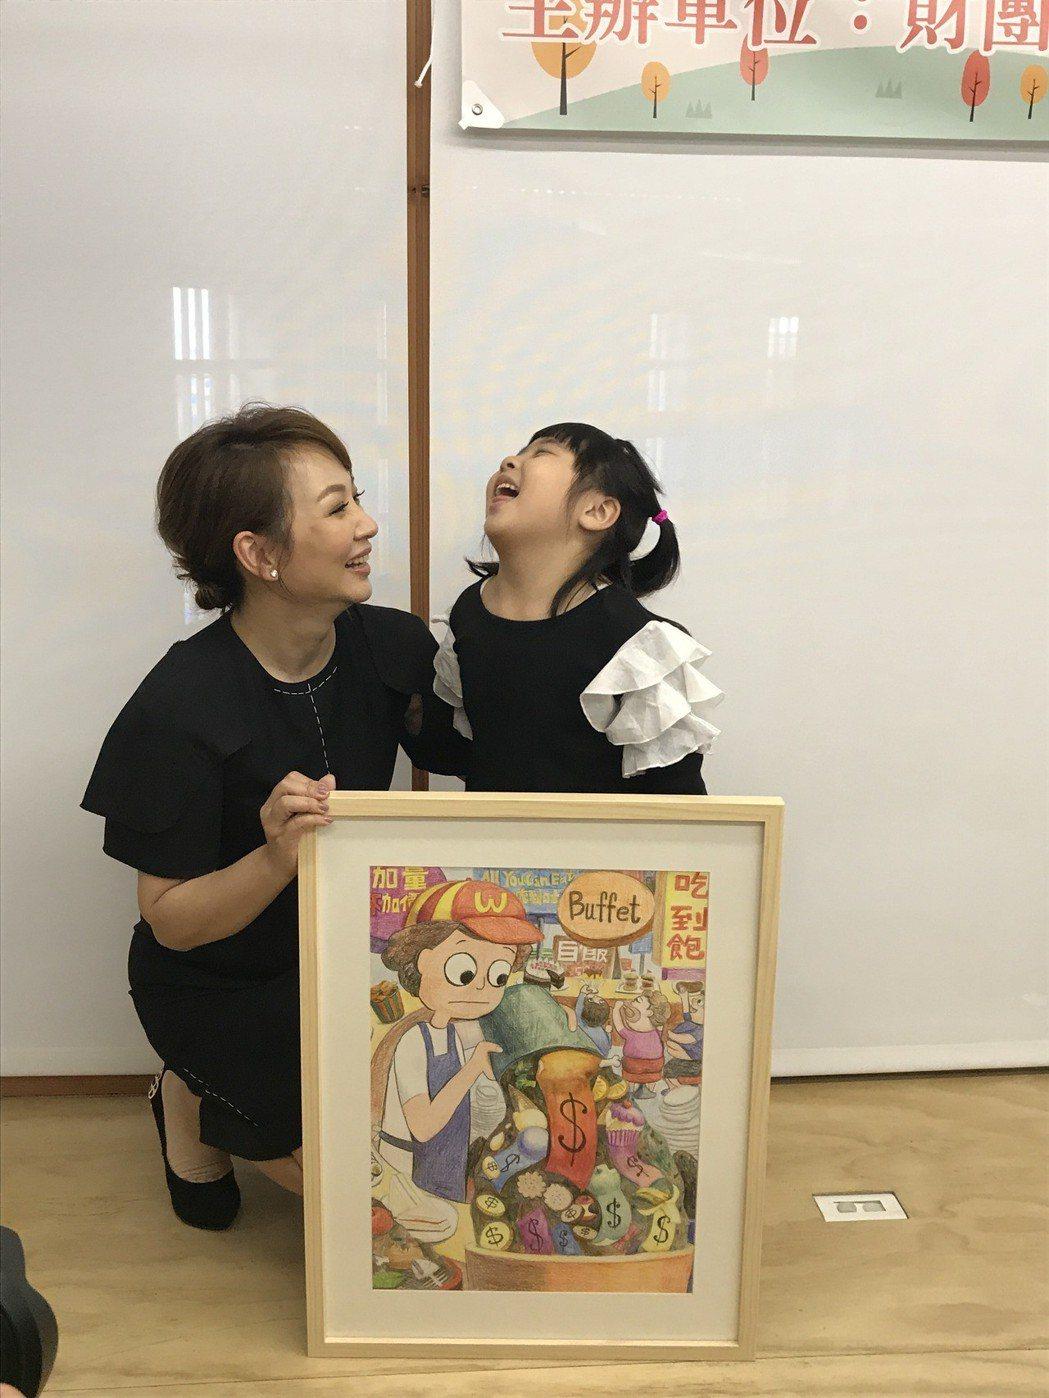 郁方跟女兒一起義賣兒子的畫作,Rachel的表情豐富很有喜感。記者葉君遠/攝影